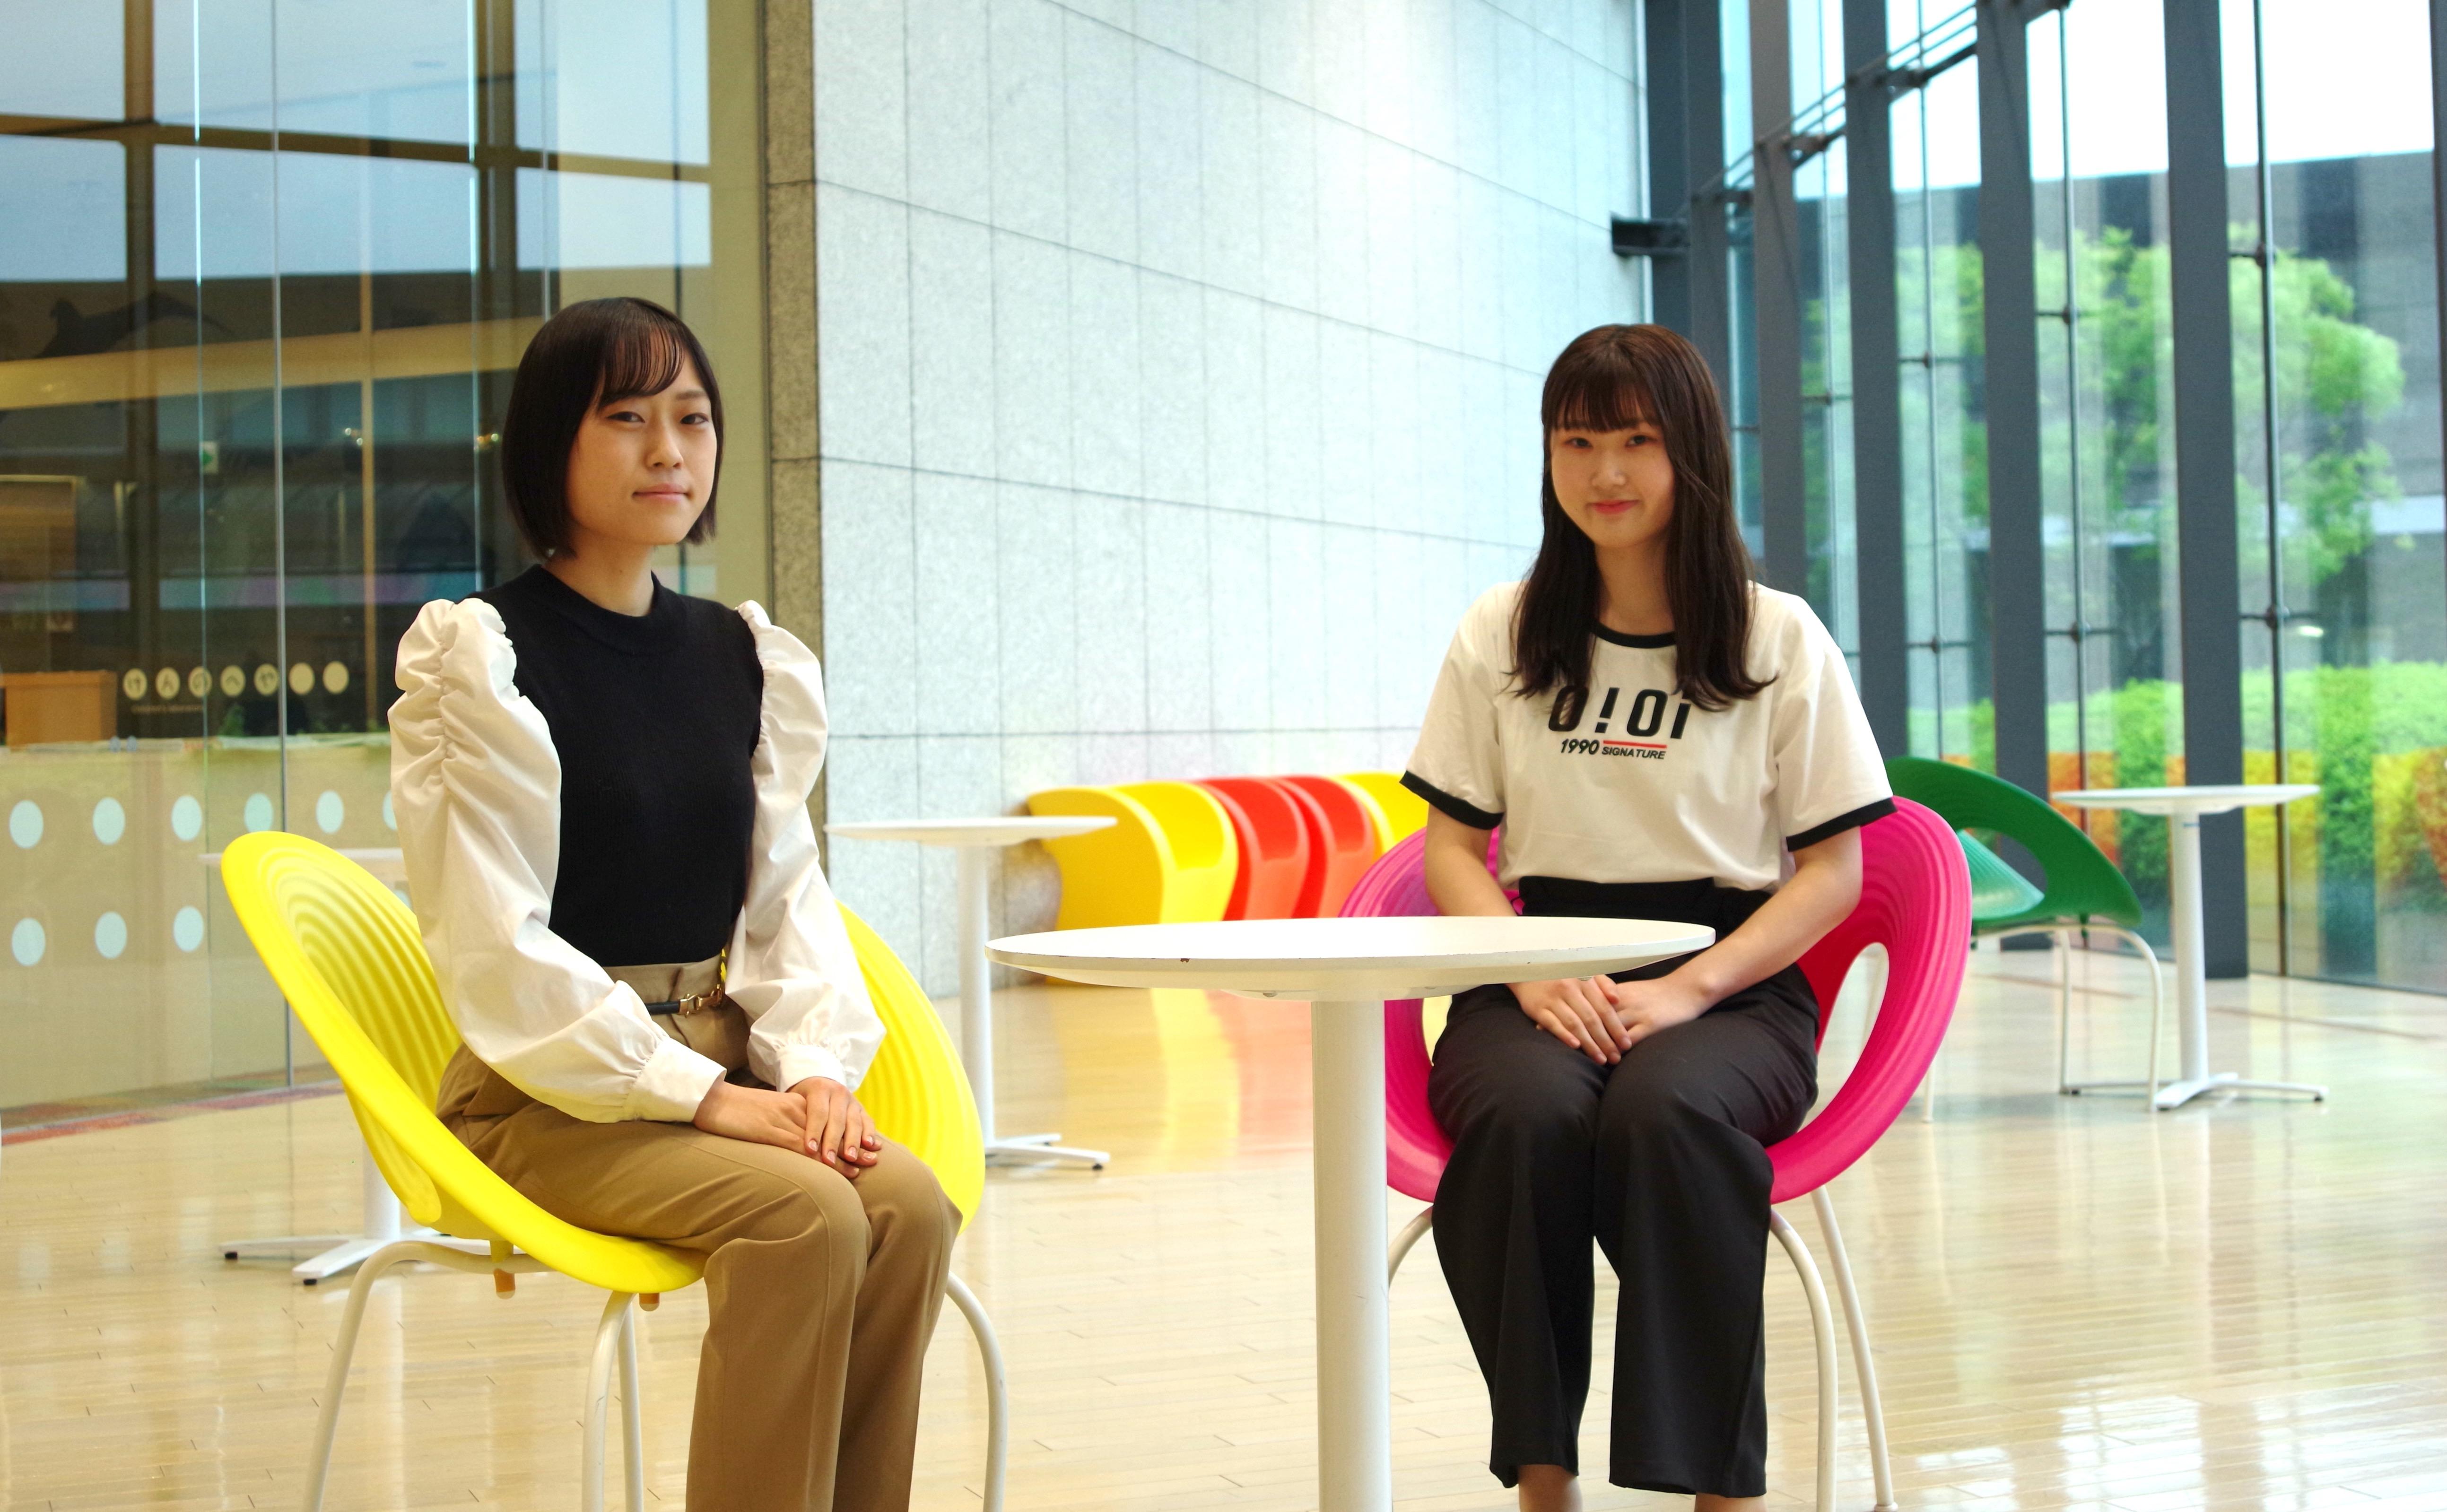 【ホイクカ女子インタビュー】入学2ヶ月が経って